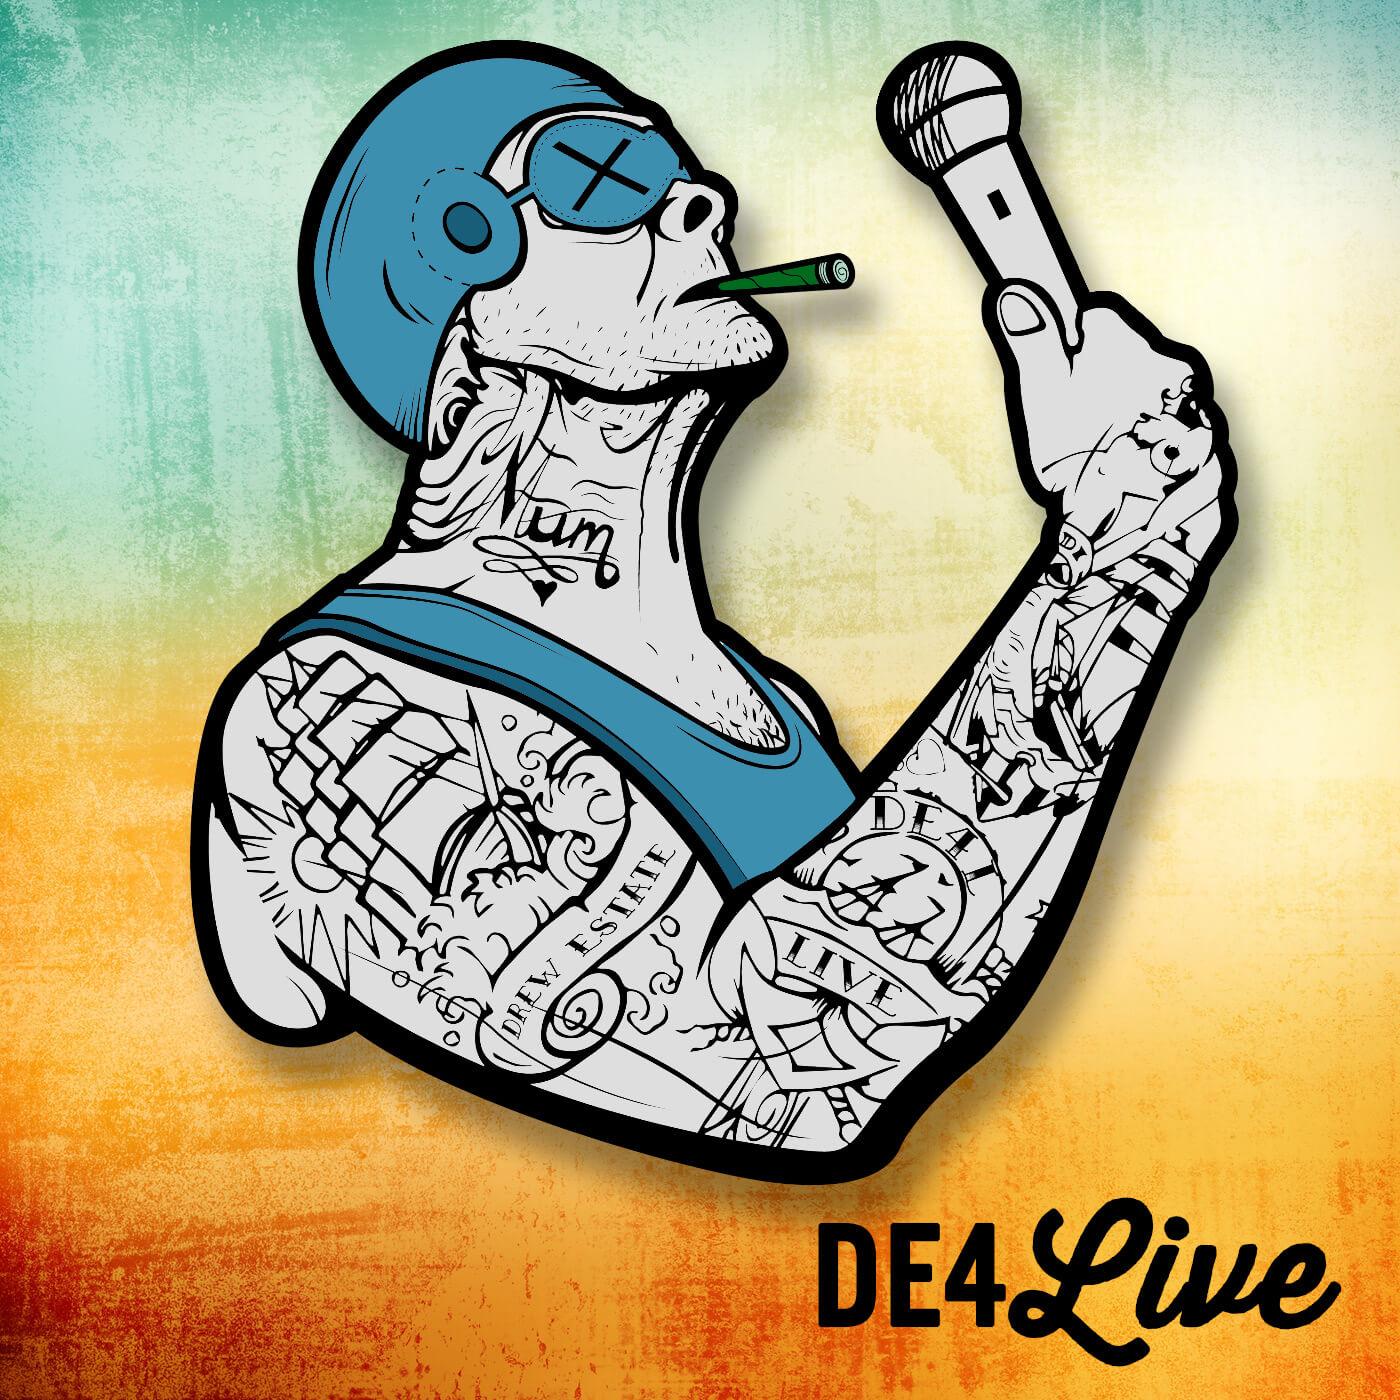 DE4L_LIVE_1400x1400_D